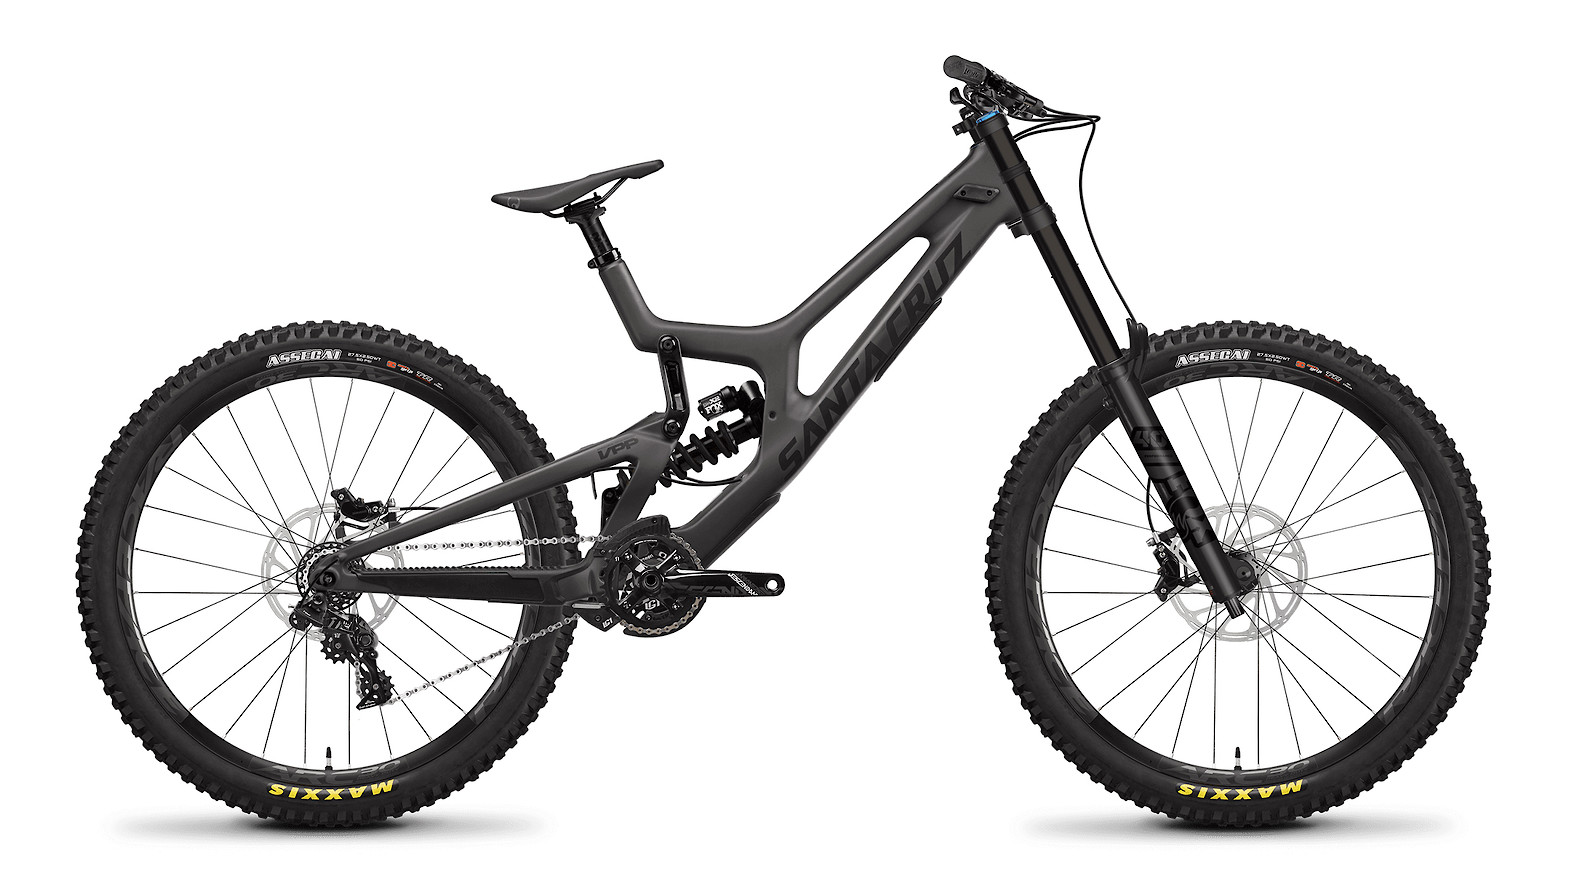 2021 Santa Cruz V10 DH S Carbon CC 27.5